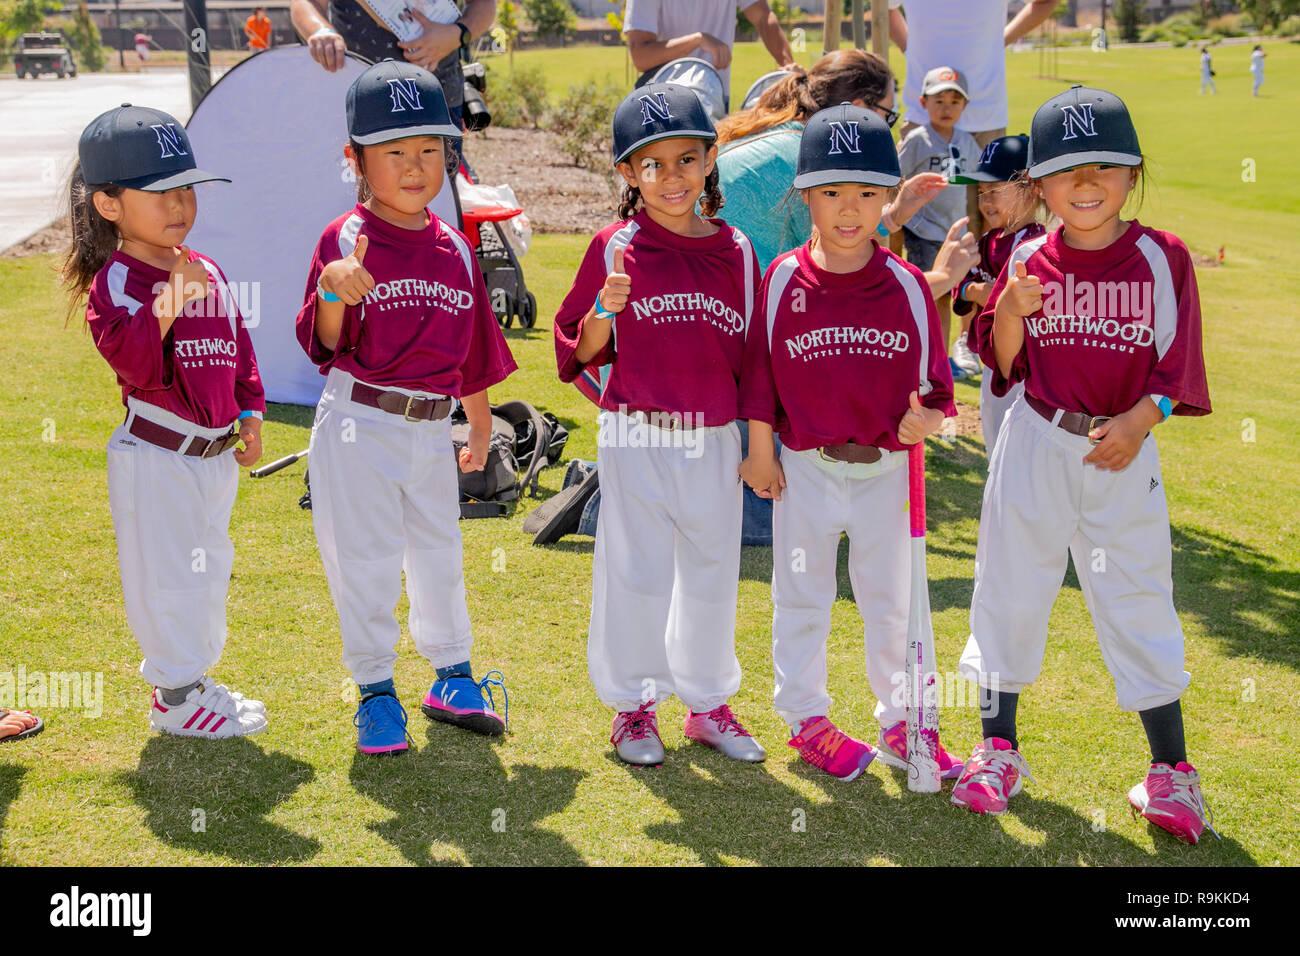 370bfed8becac Hispana y asiática americana de 4 años en las niñas de Little League  uniformes posan para